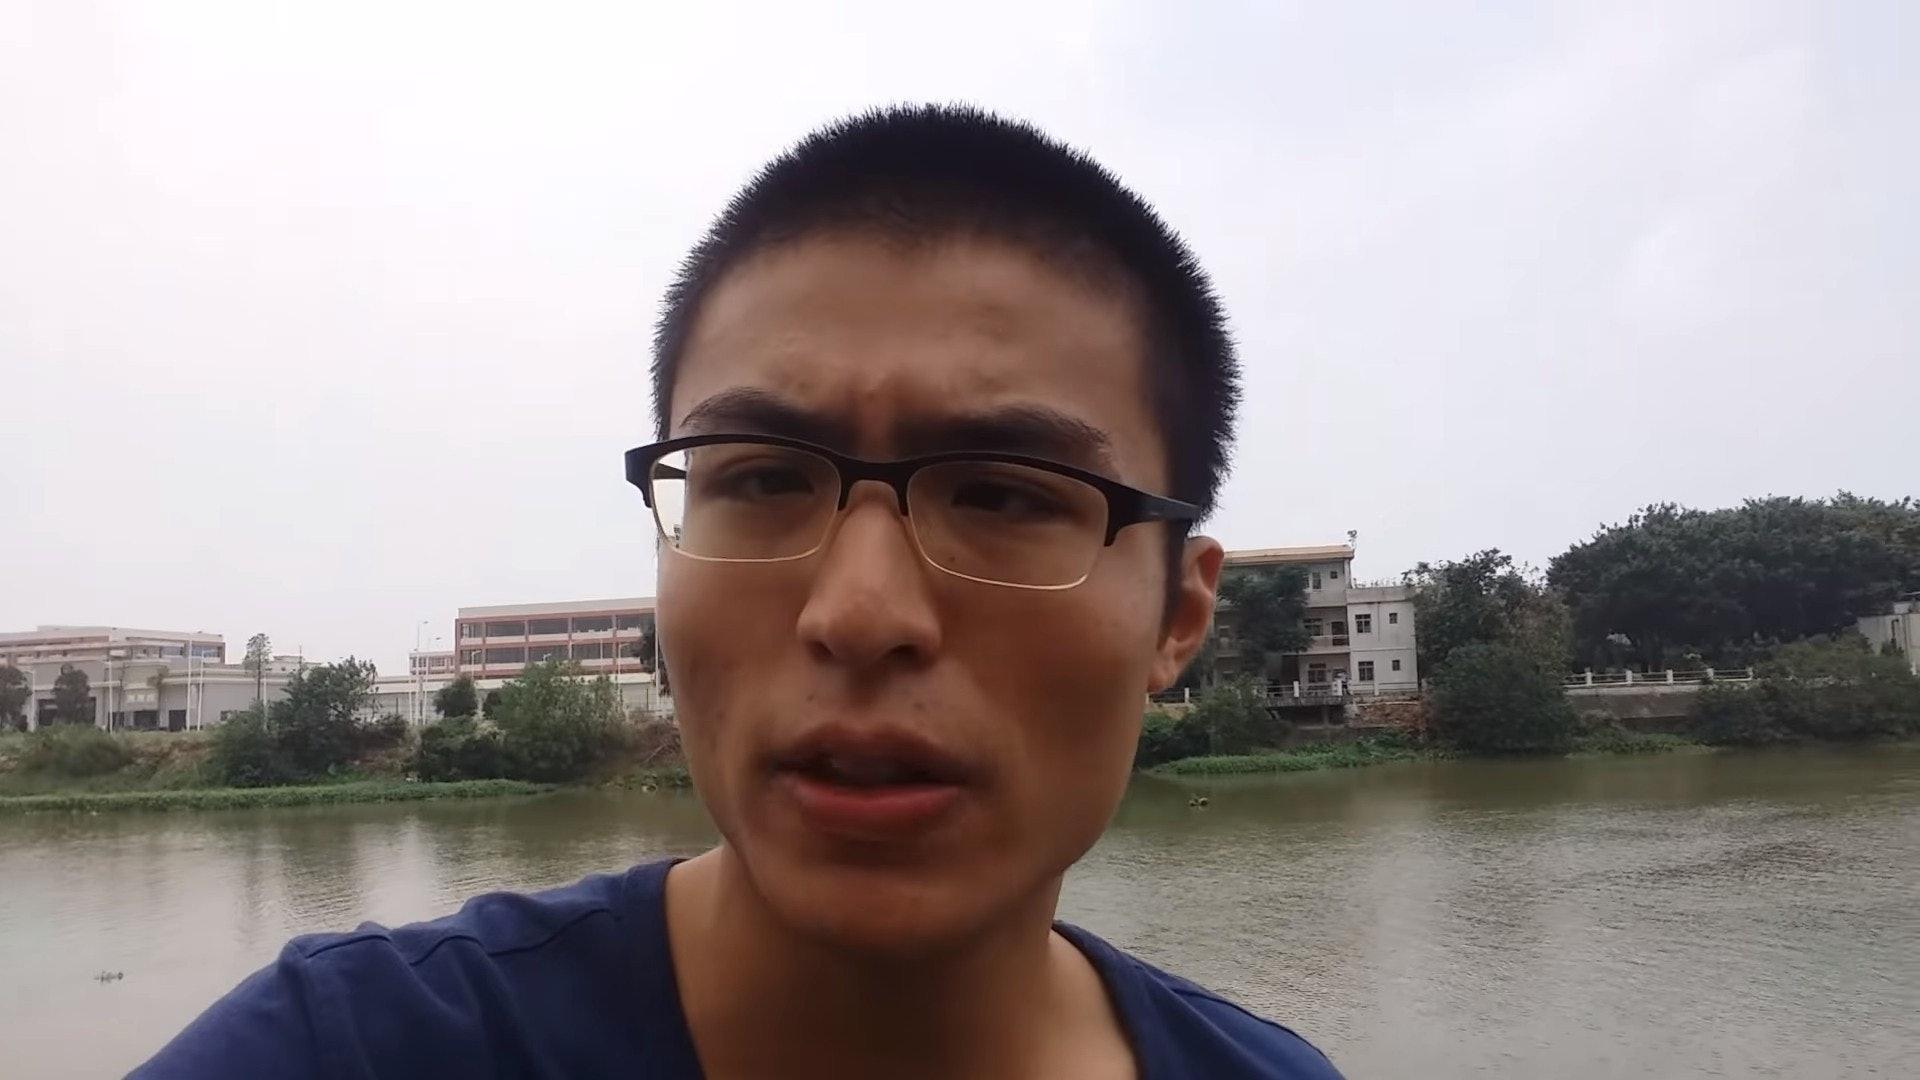 2018年9月27日,劉馬車上載短片指自己出獄片,與判決書所指的刑滿日相同。(YouTube)